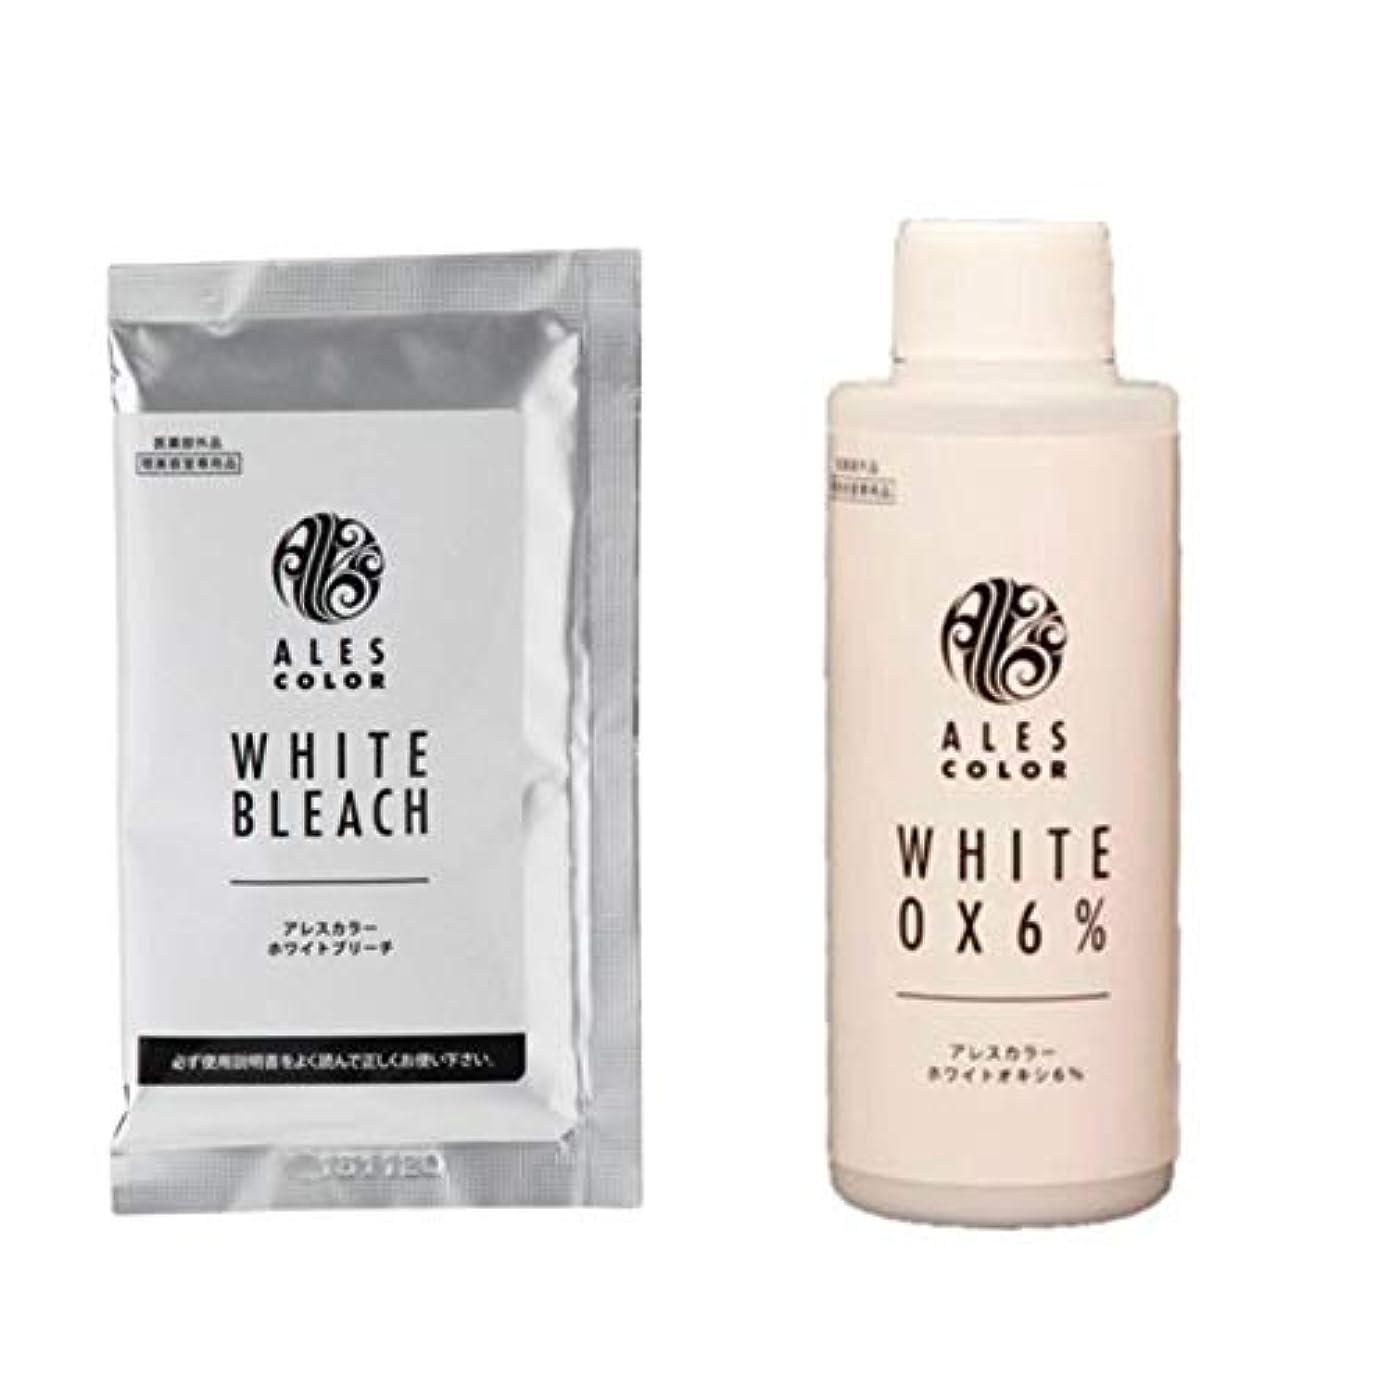 エスカレーター民間人ケーブルアレスカラー ホワイトブリーチ セット(1剤) 30g ホワイトオキシ6% 120ml